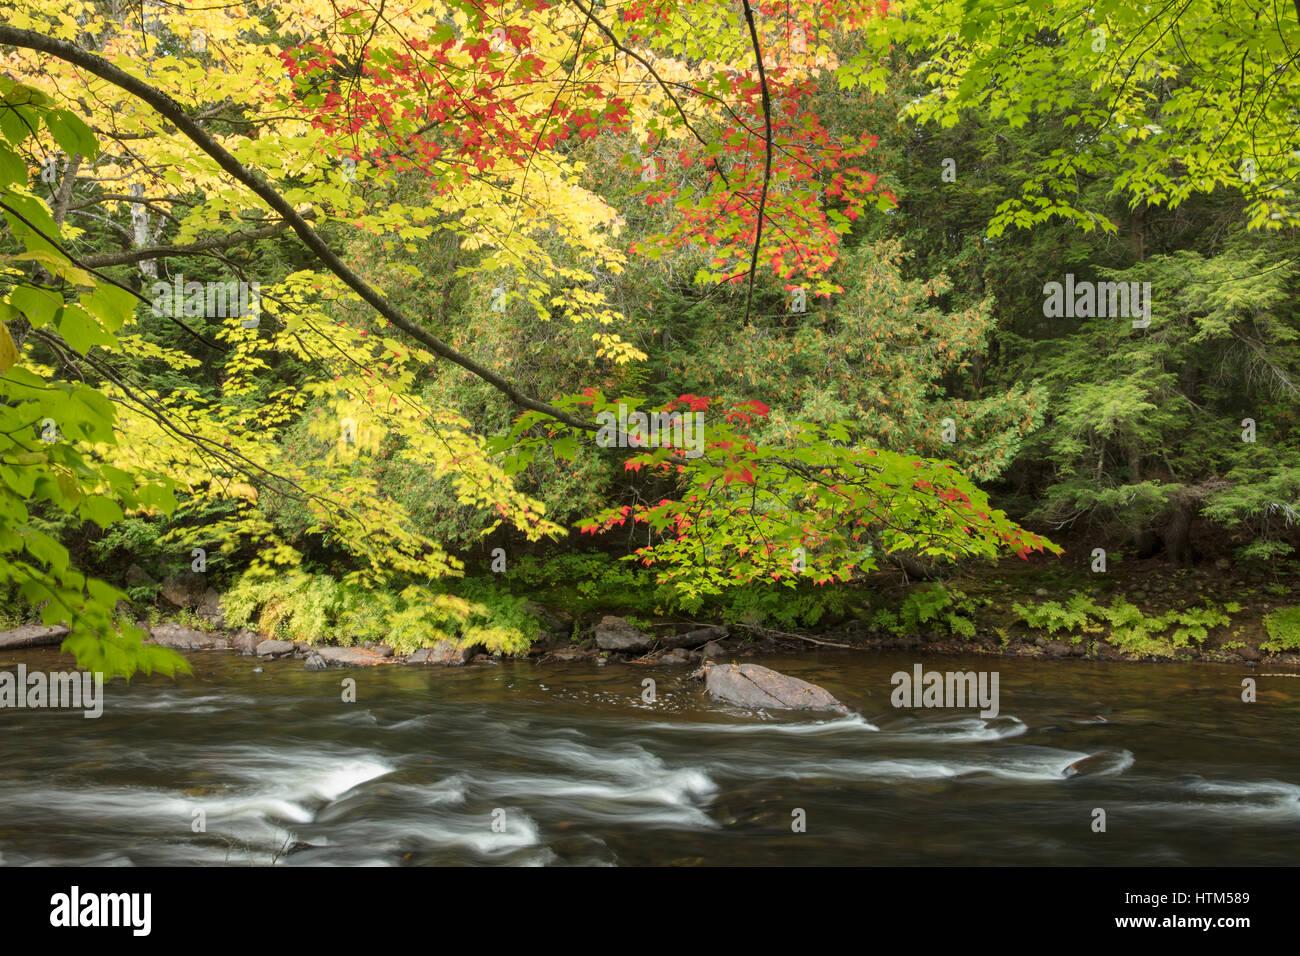 Couleurs d'automne le long de la rivière Oxtongue à Ragged Falls Provincial Park, Ontario, Canada Banque D'Images